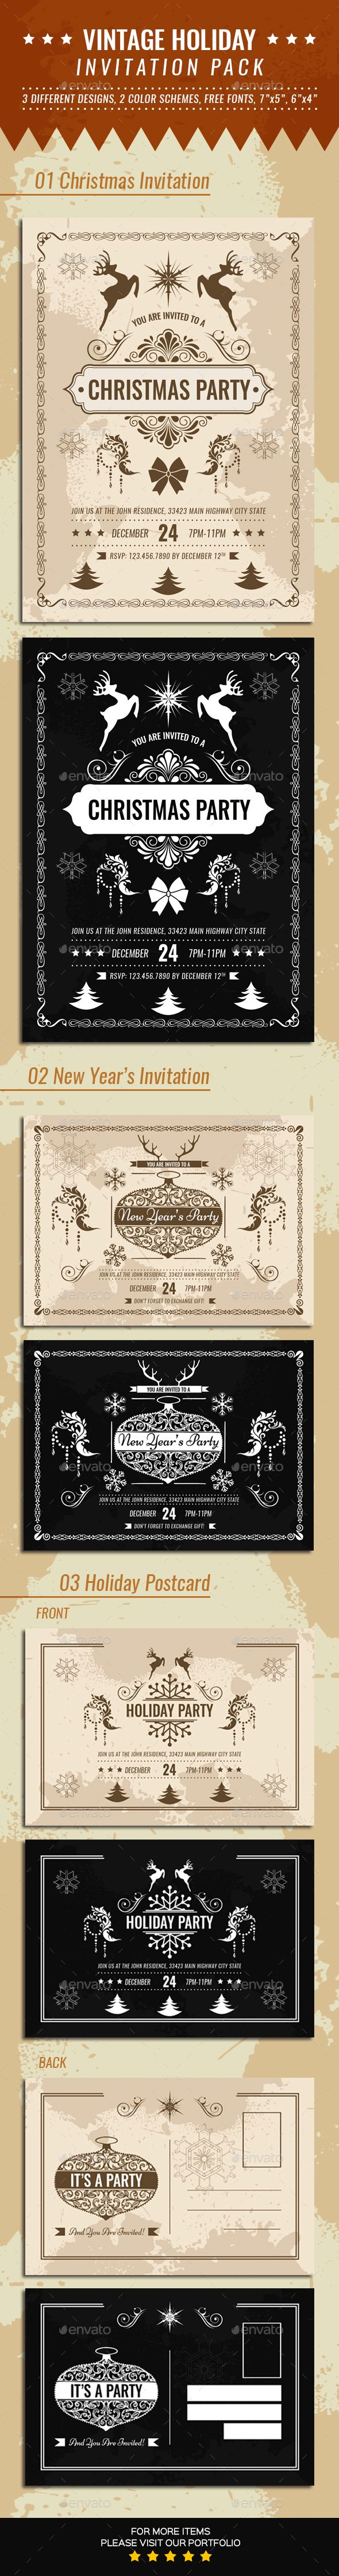 Vintage Holiday Invitation Pack 672 best Invitation